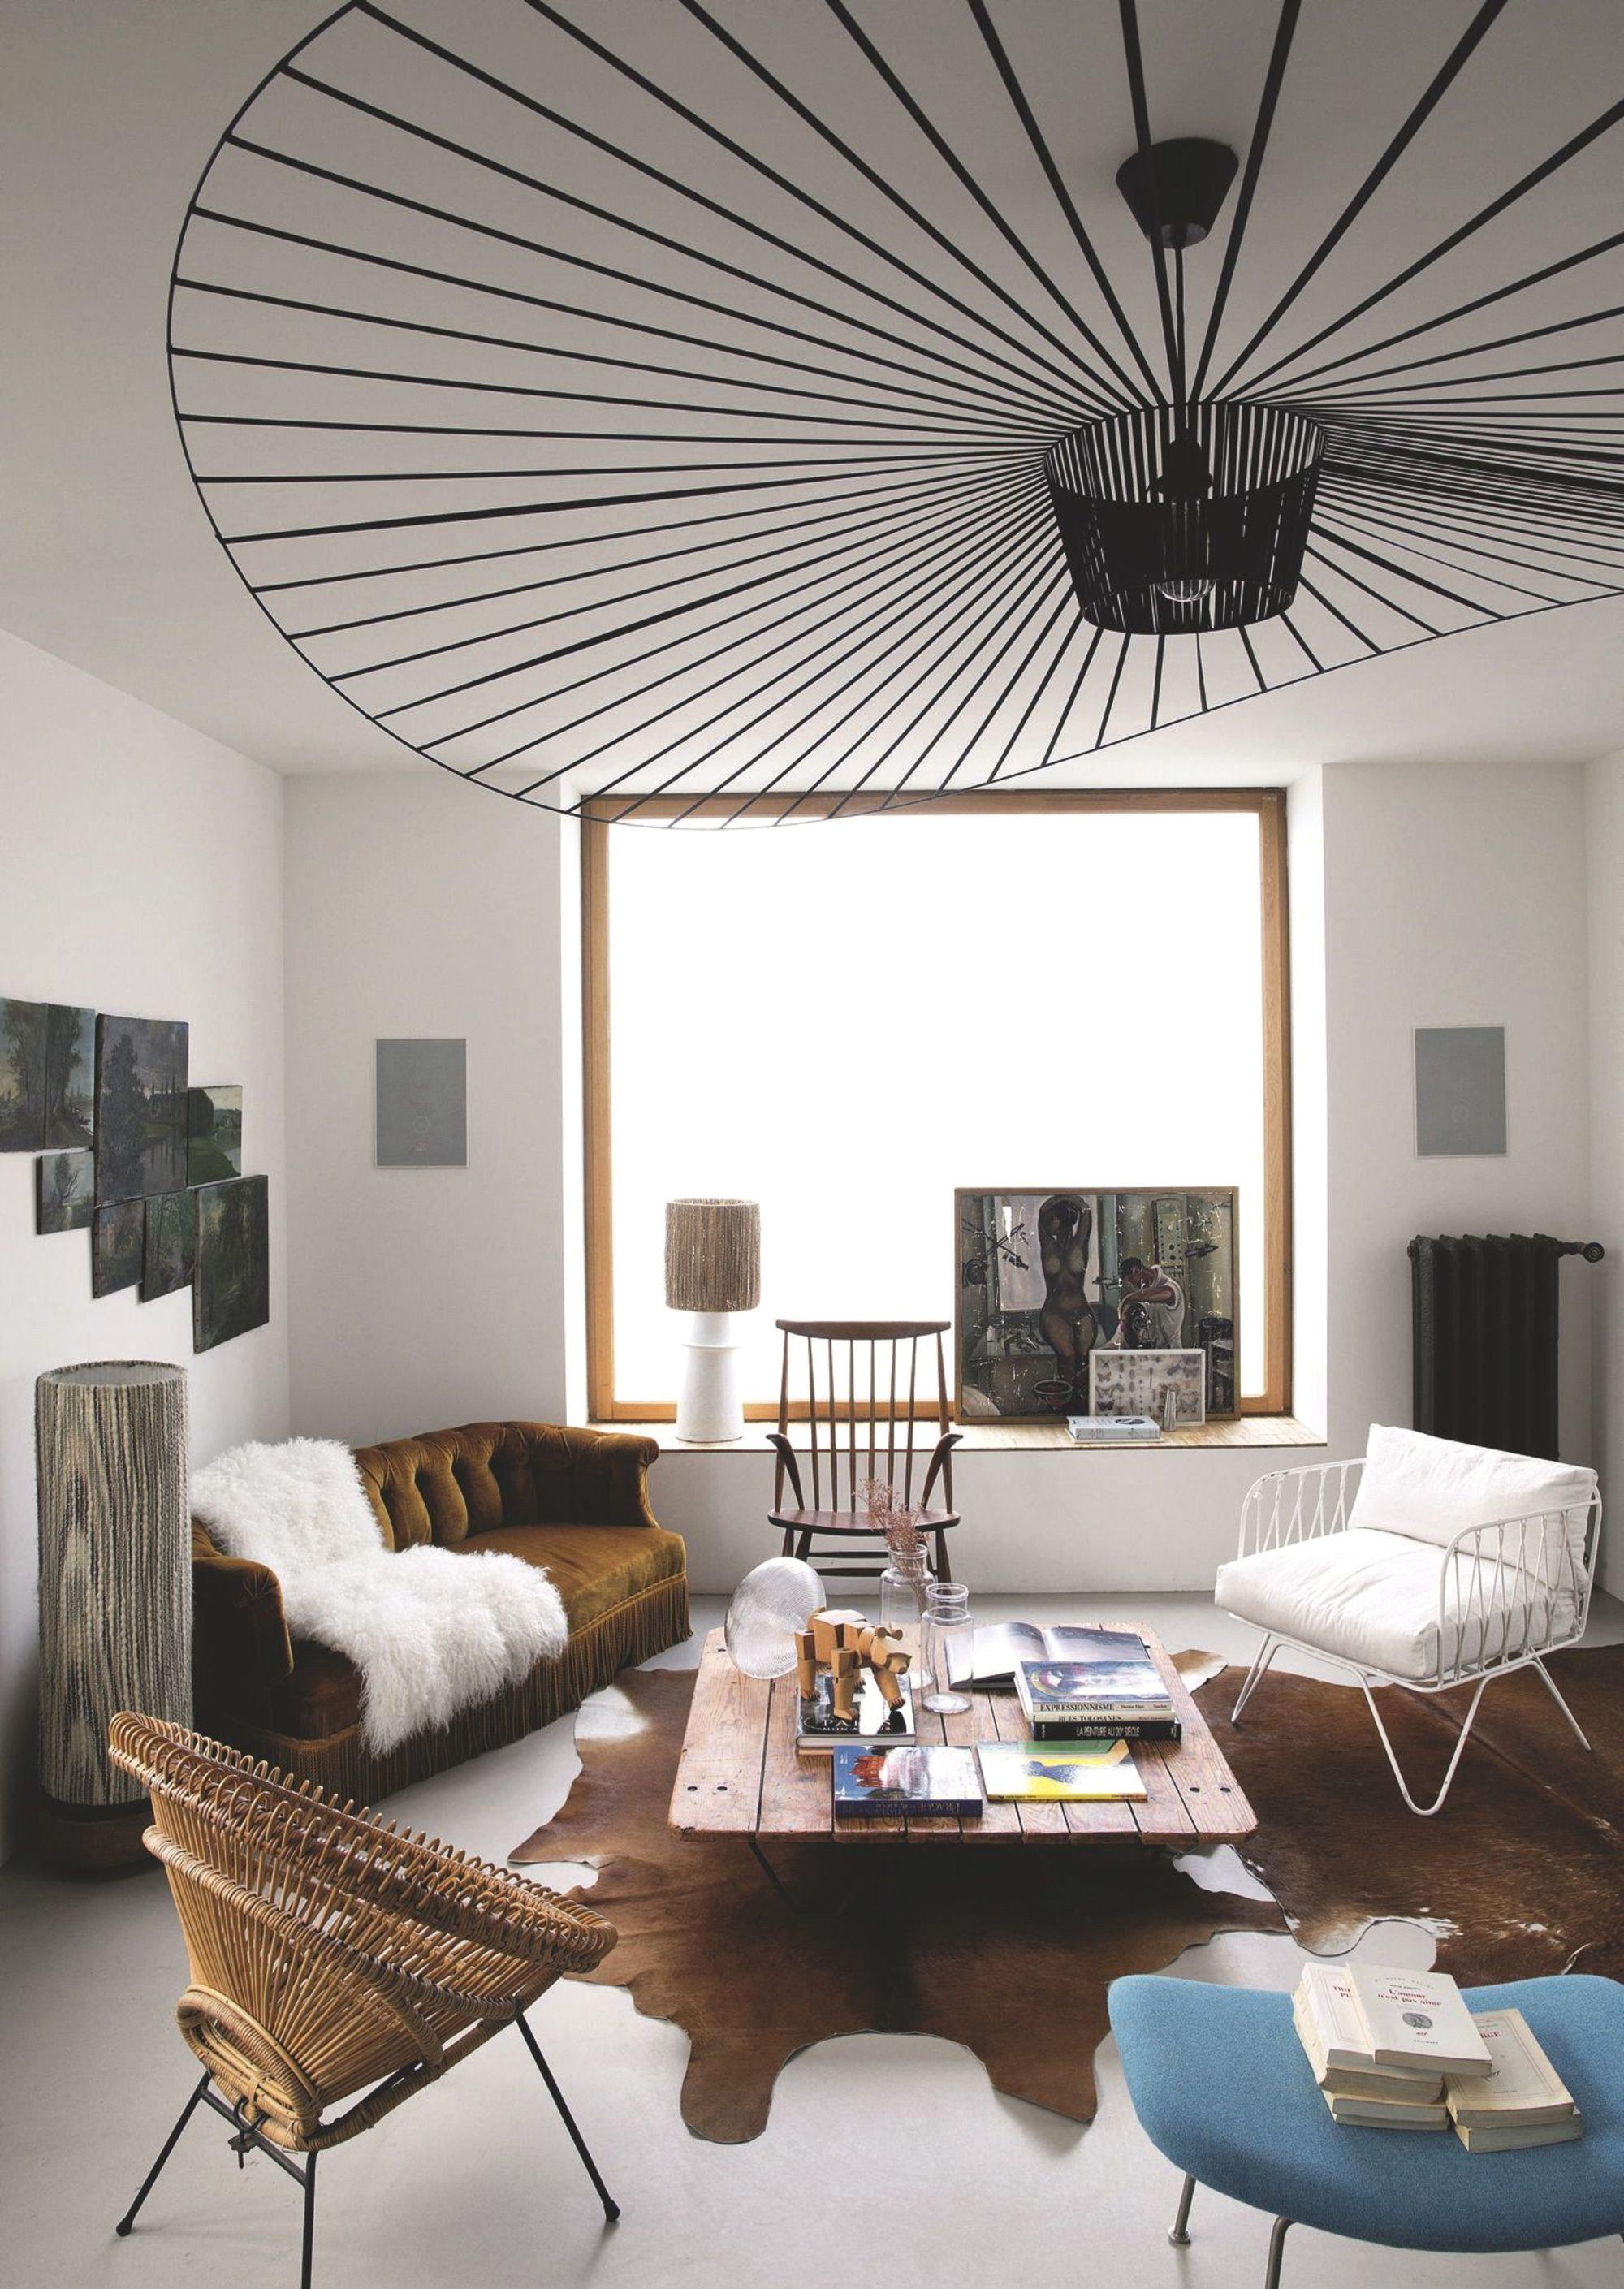 Salon ethnique vintage vert marron noir bleu bois métal rotin textile cuir